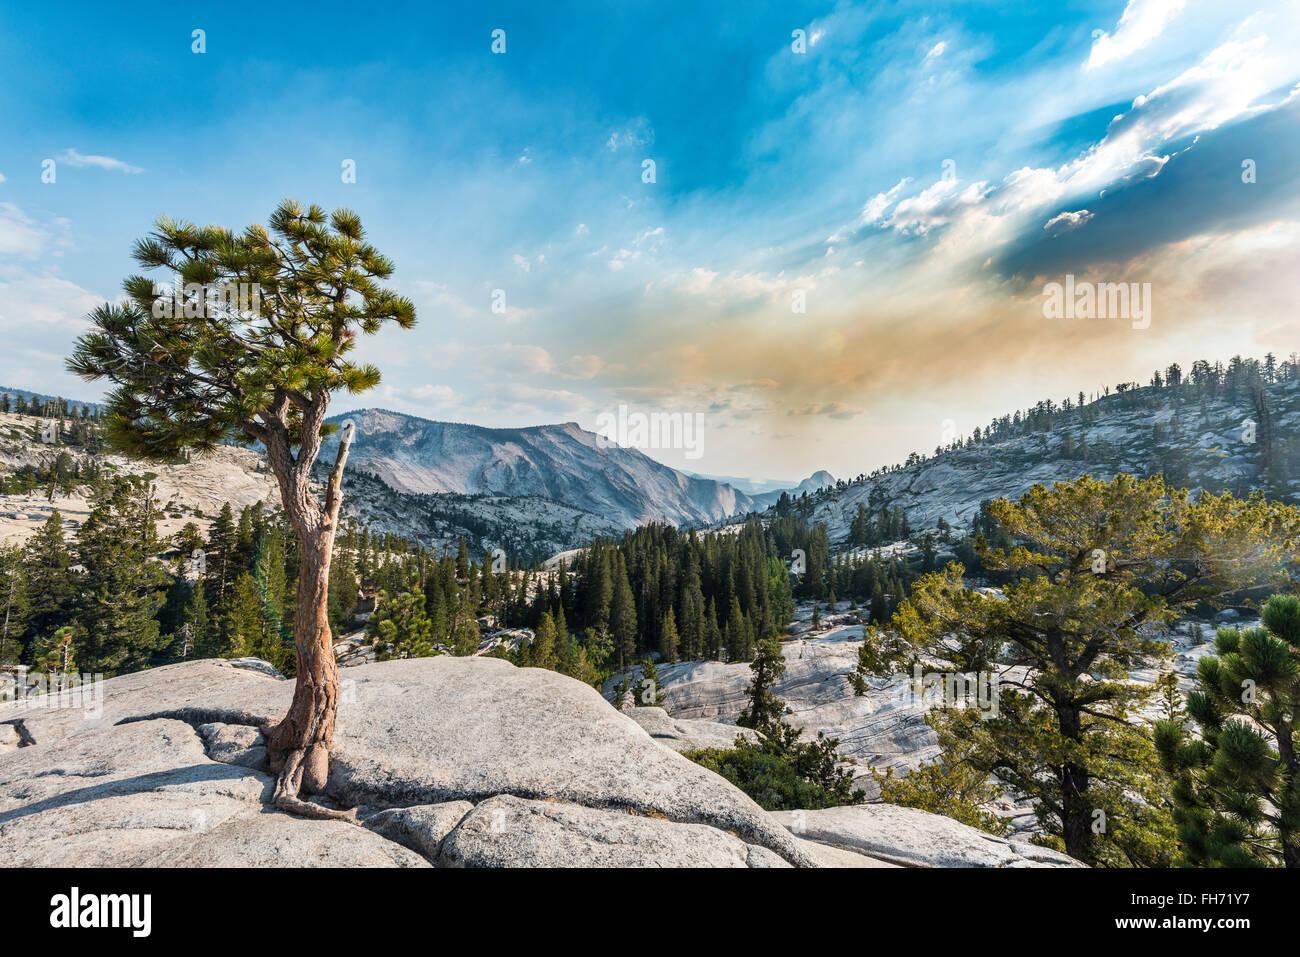 Albero, pino su un altopiano roccioso a Olmsted Point, Yosemite National Park, California, Stati Uniti d'America Immagini Stock